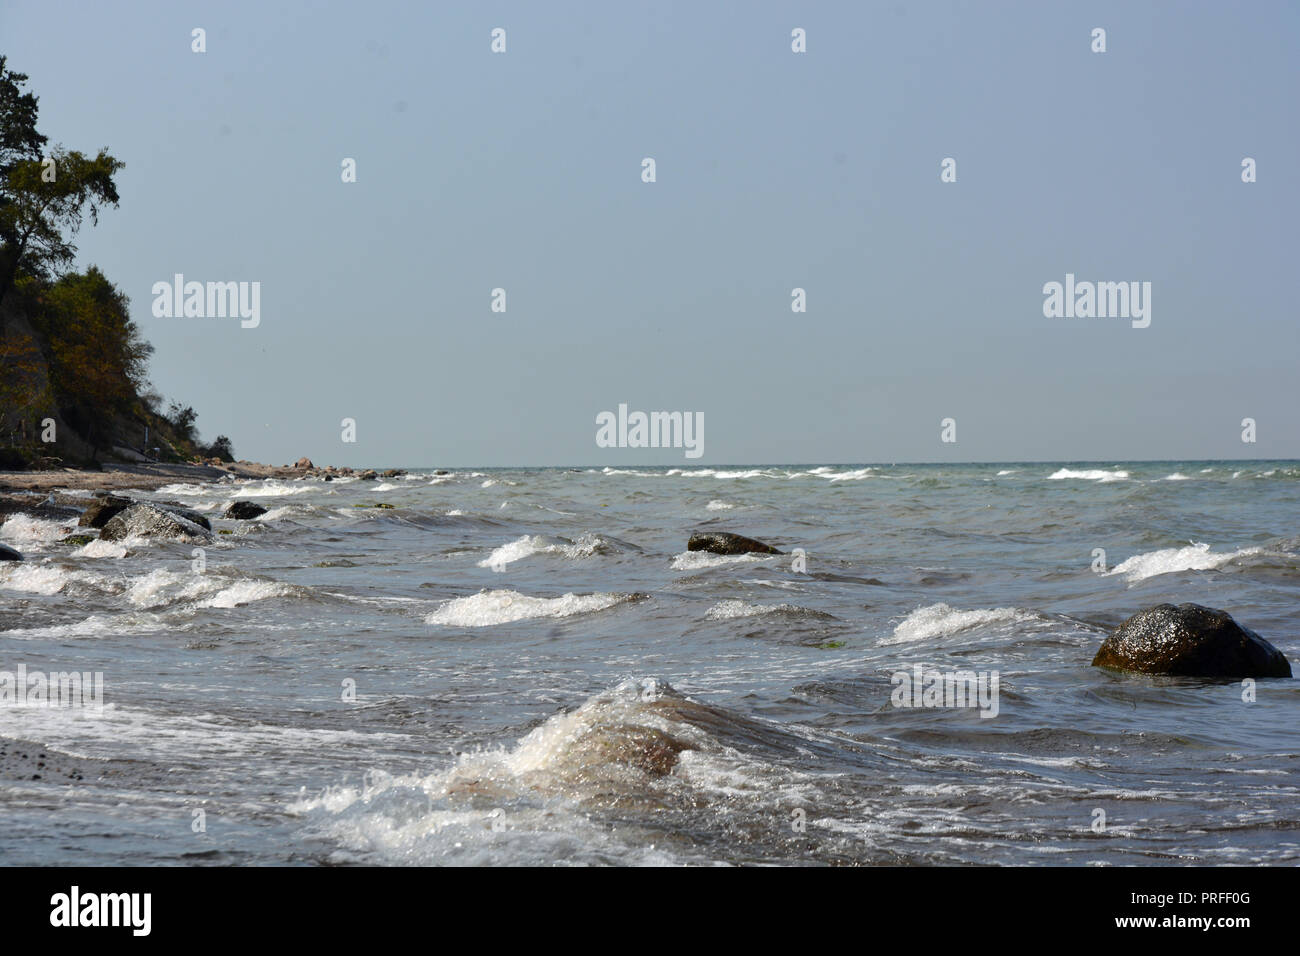 Sturm   Wellen    Meer   Himmel - Stock Image